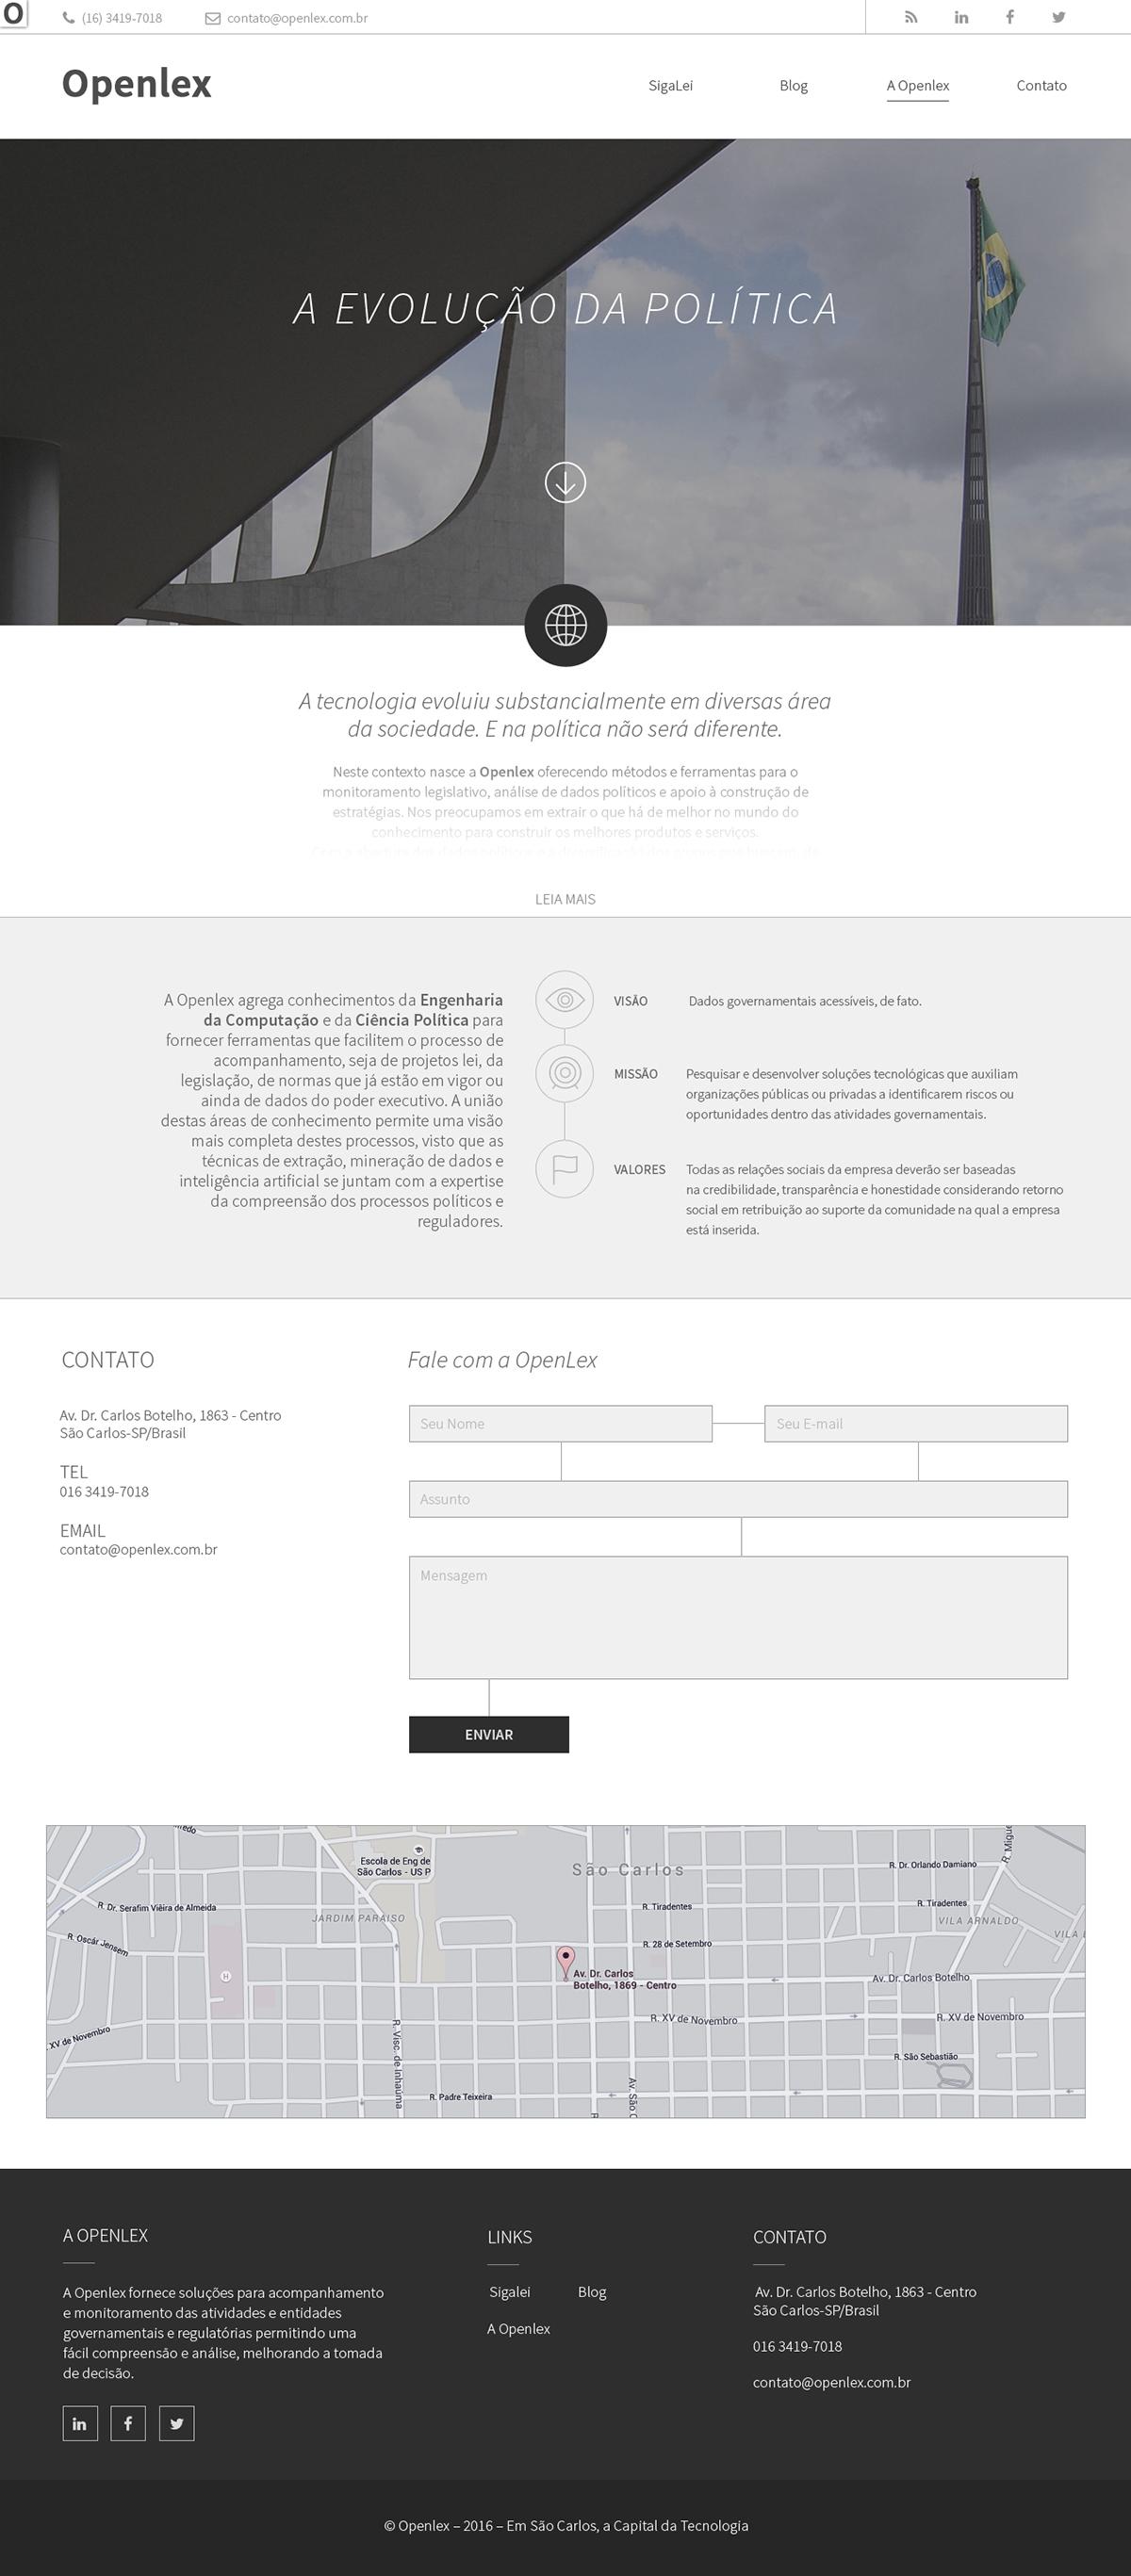 open lex law lei politics Politica app Website Web